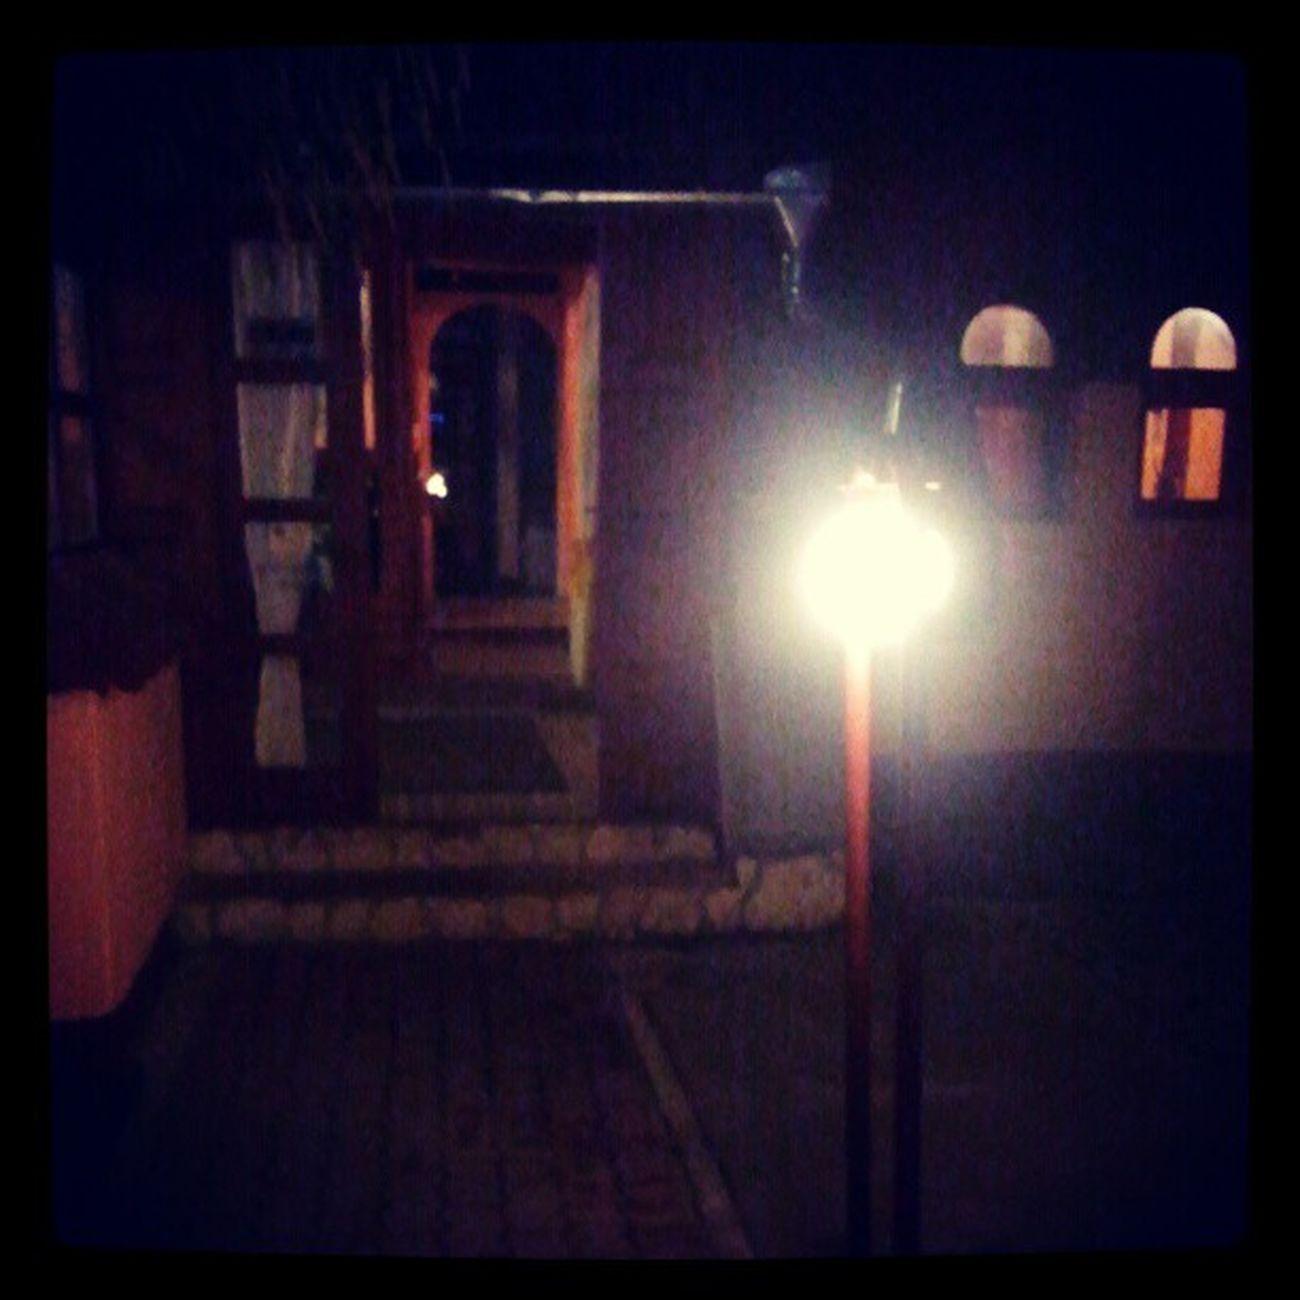 Gyula nightlife